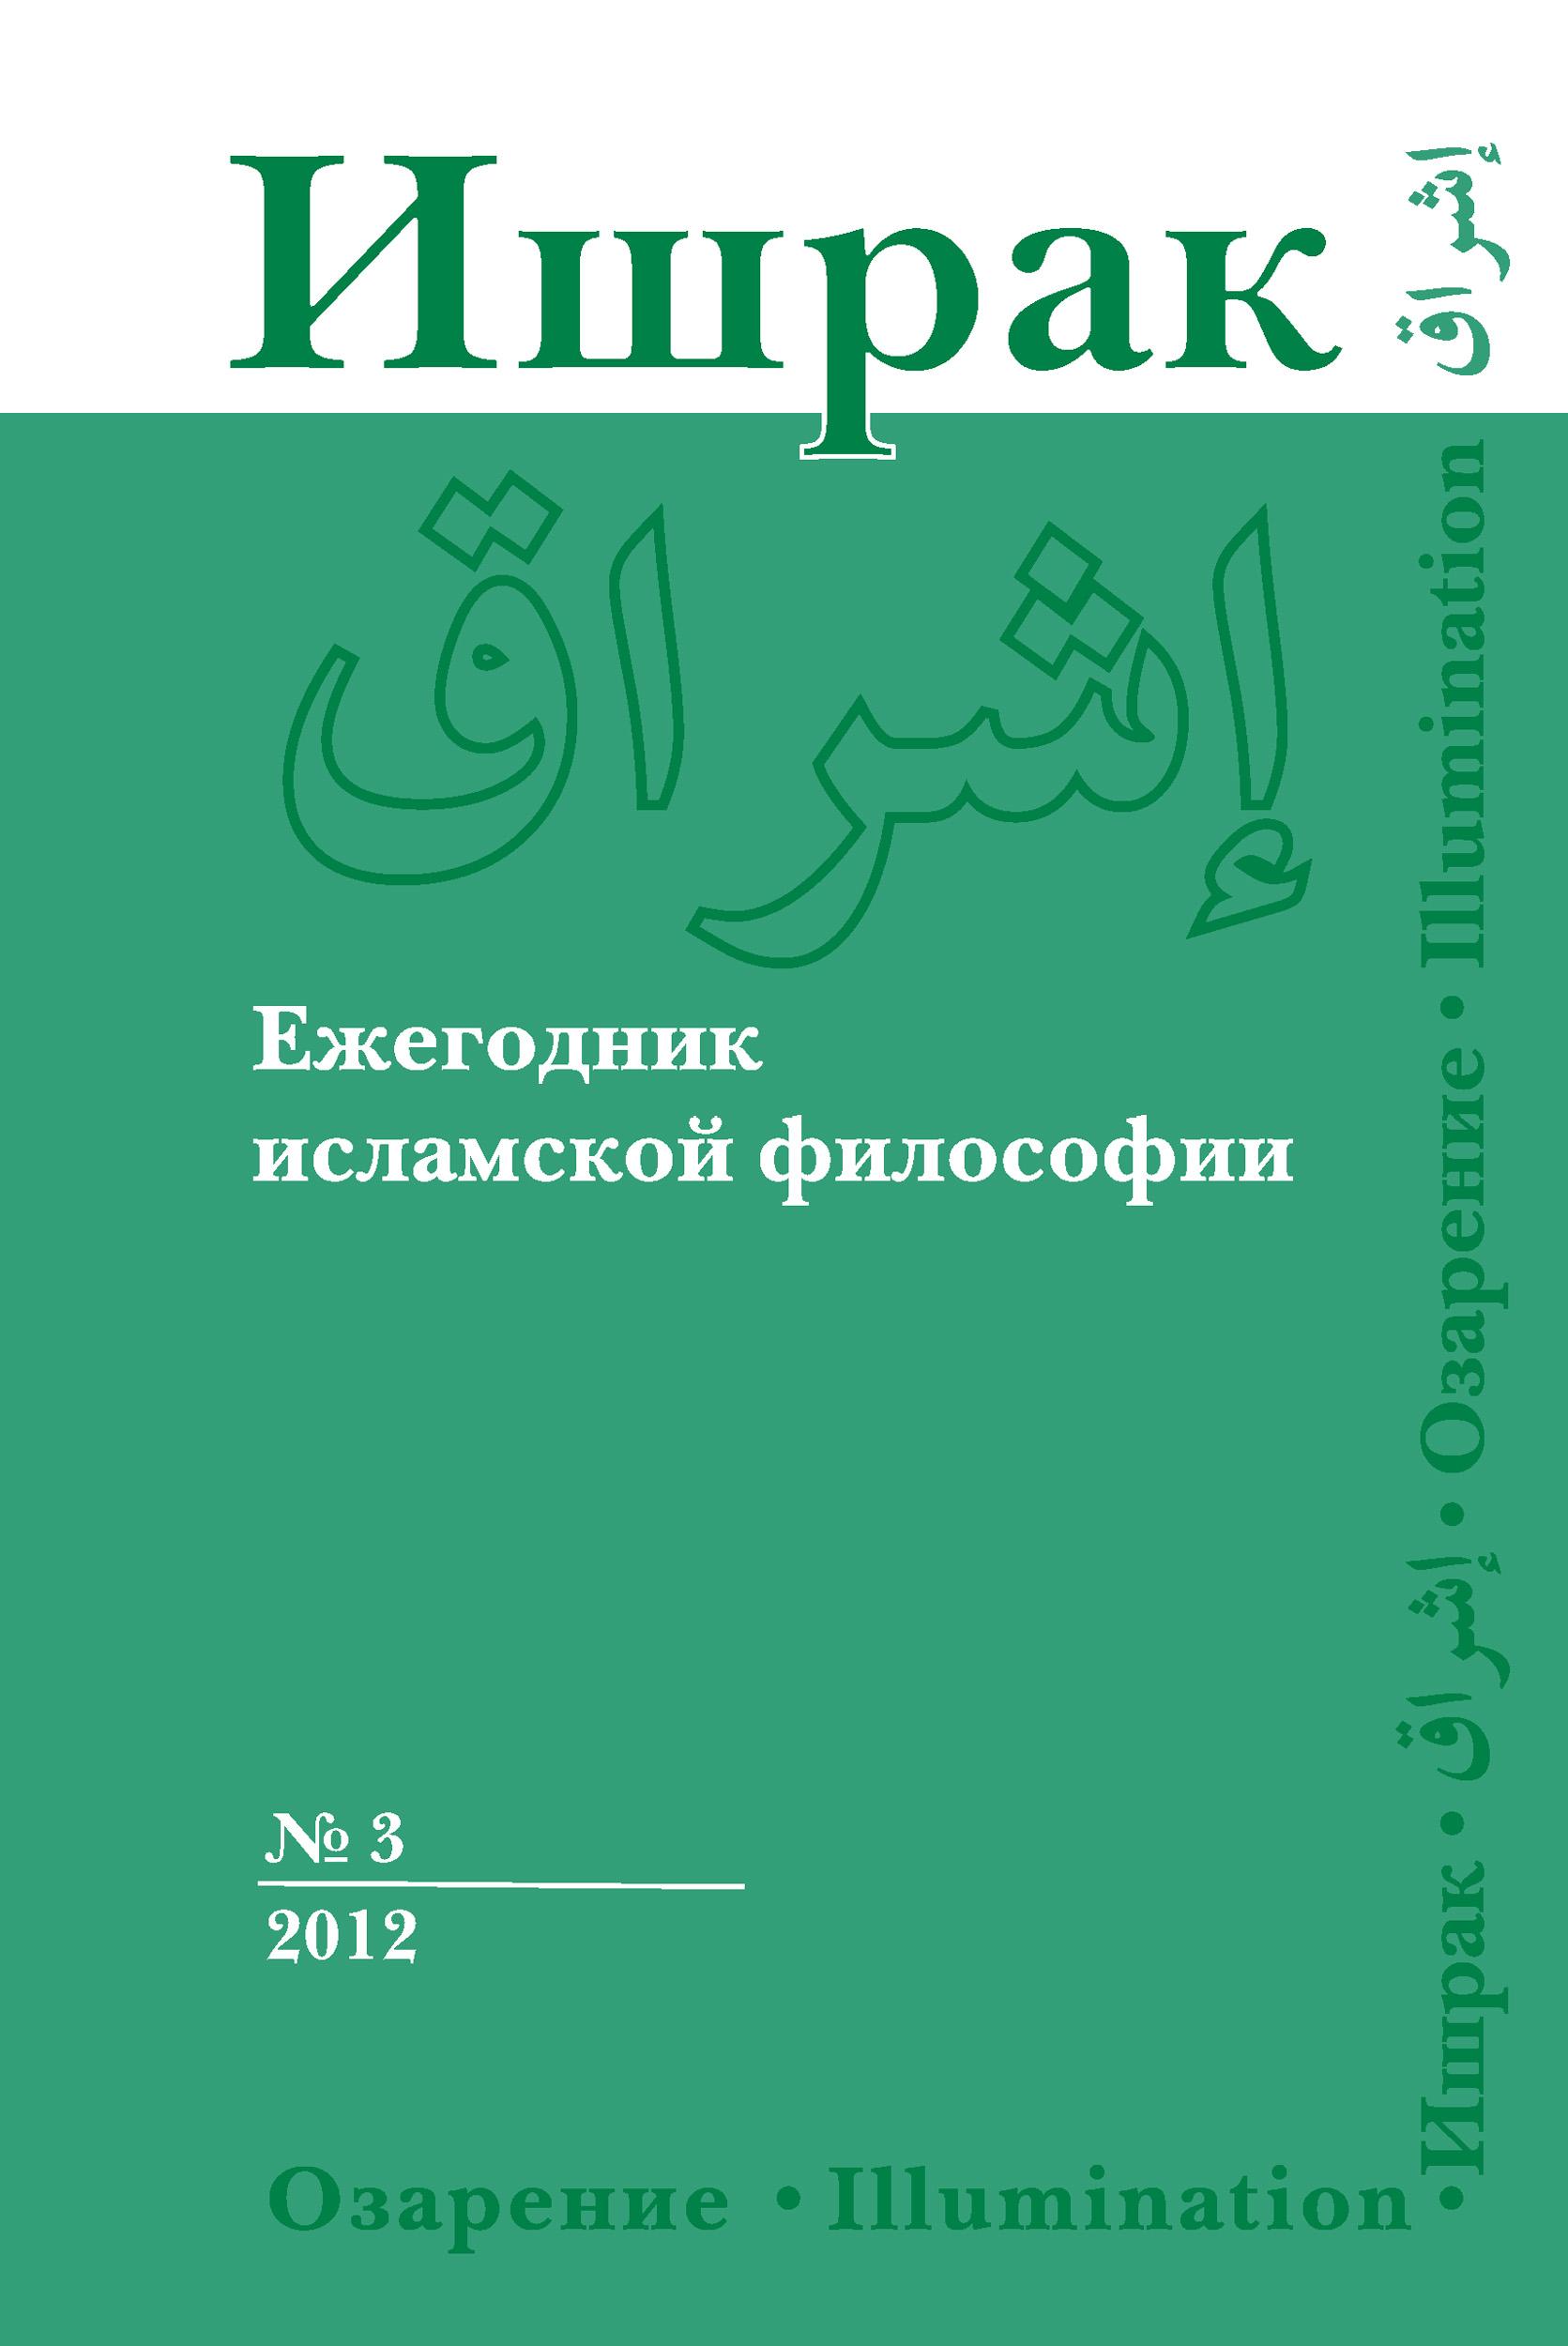 Коллектив авторов Ишрак. Ежегодник исламской философии №3, 2012 / Ishraq. Islamic Philosophy Yearbook №3, 2012 islamic banking efficiency